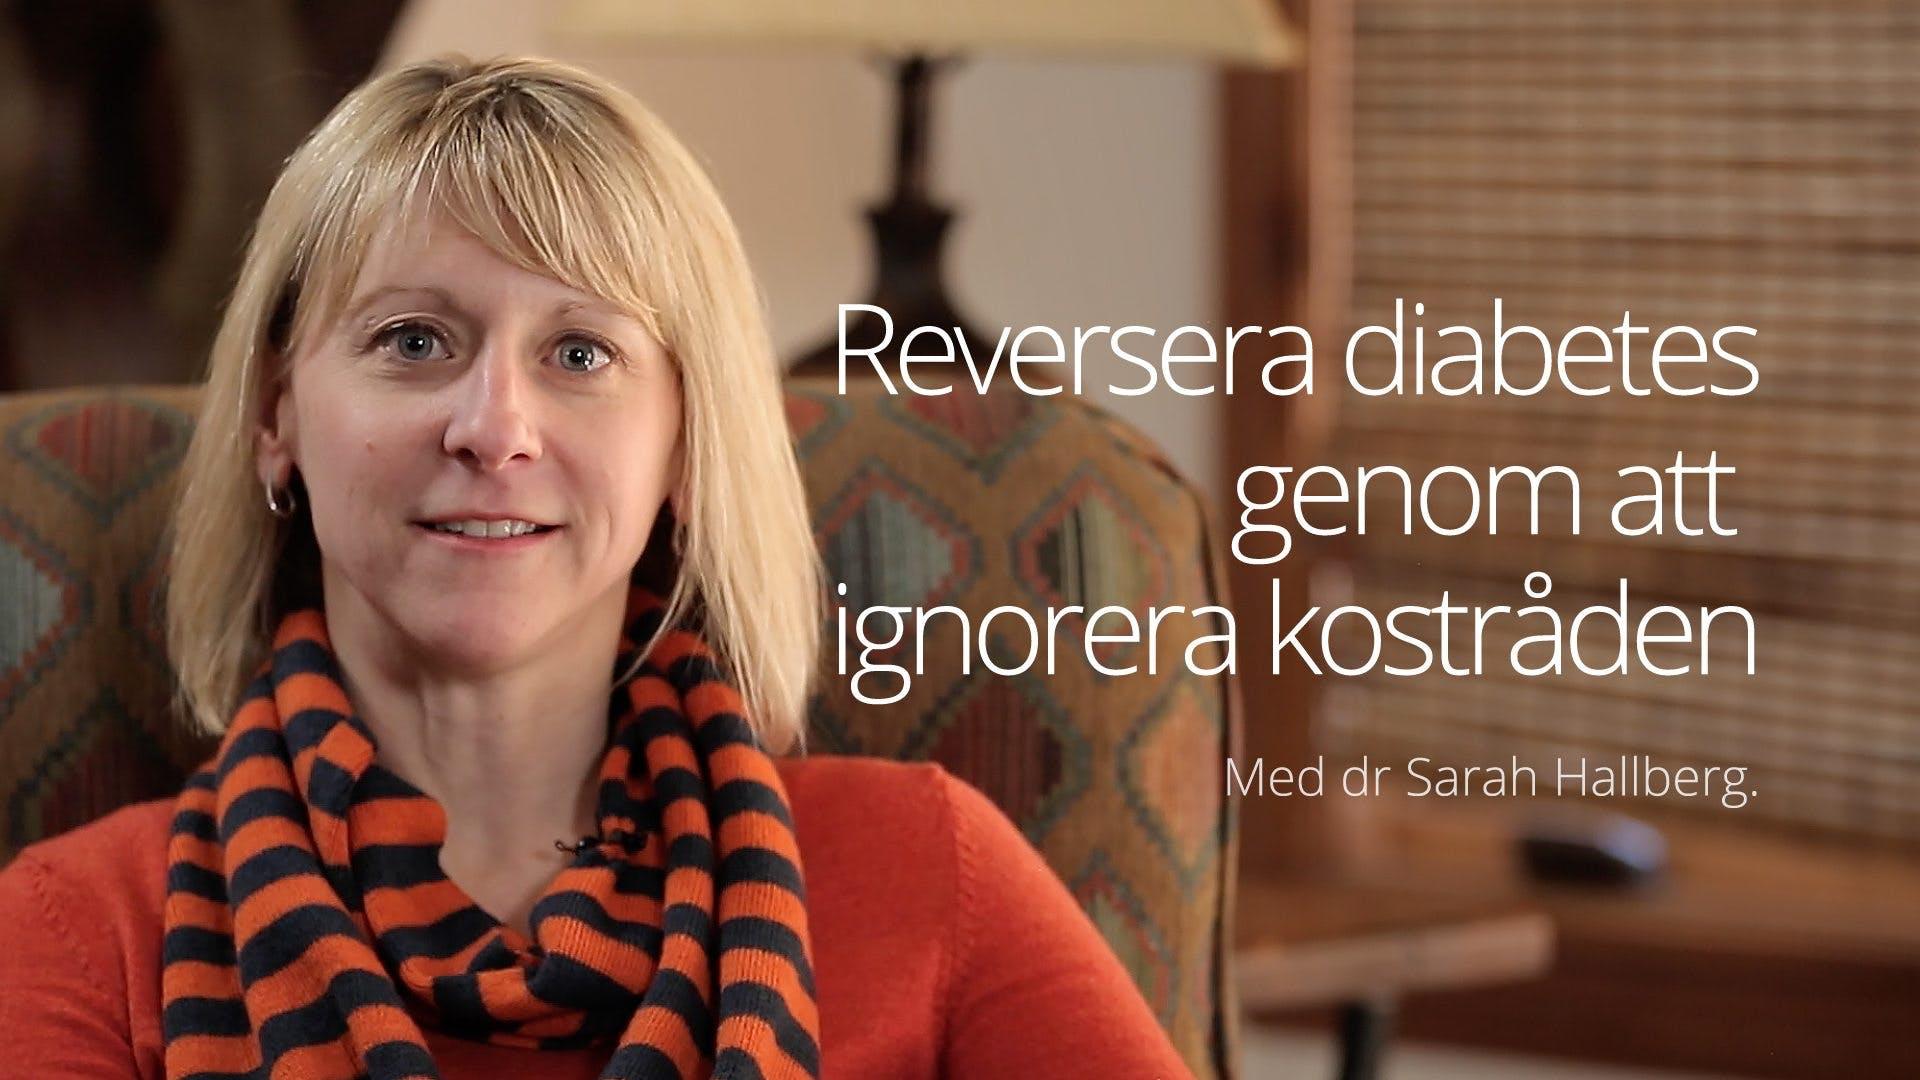 Reversera diabetes genom att ignorera kostråden